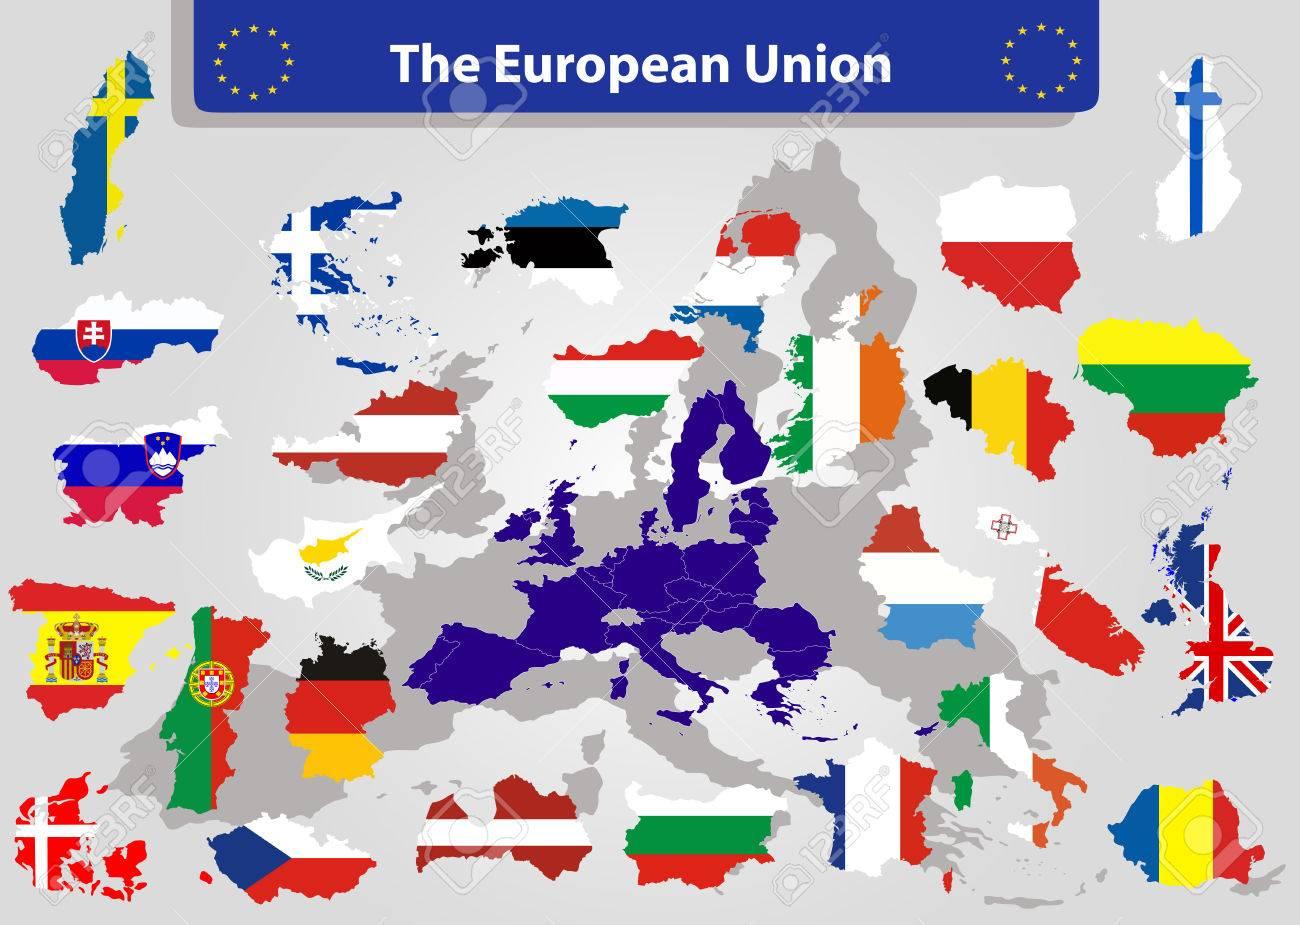 La Carte De L'union Européenne Et Tous Les Pays Drapeaux Des Pays Membres  De L'union Européenne Superposées Sur Fond De Carte avec Carte Pays Membre De L Ue